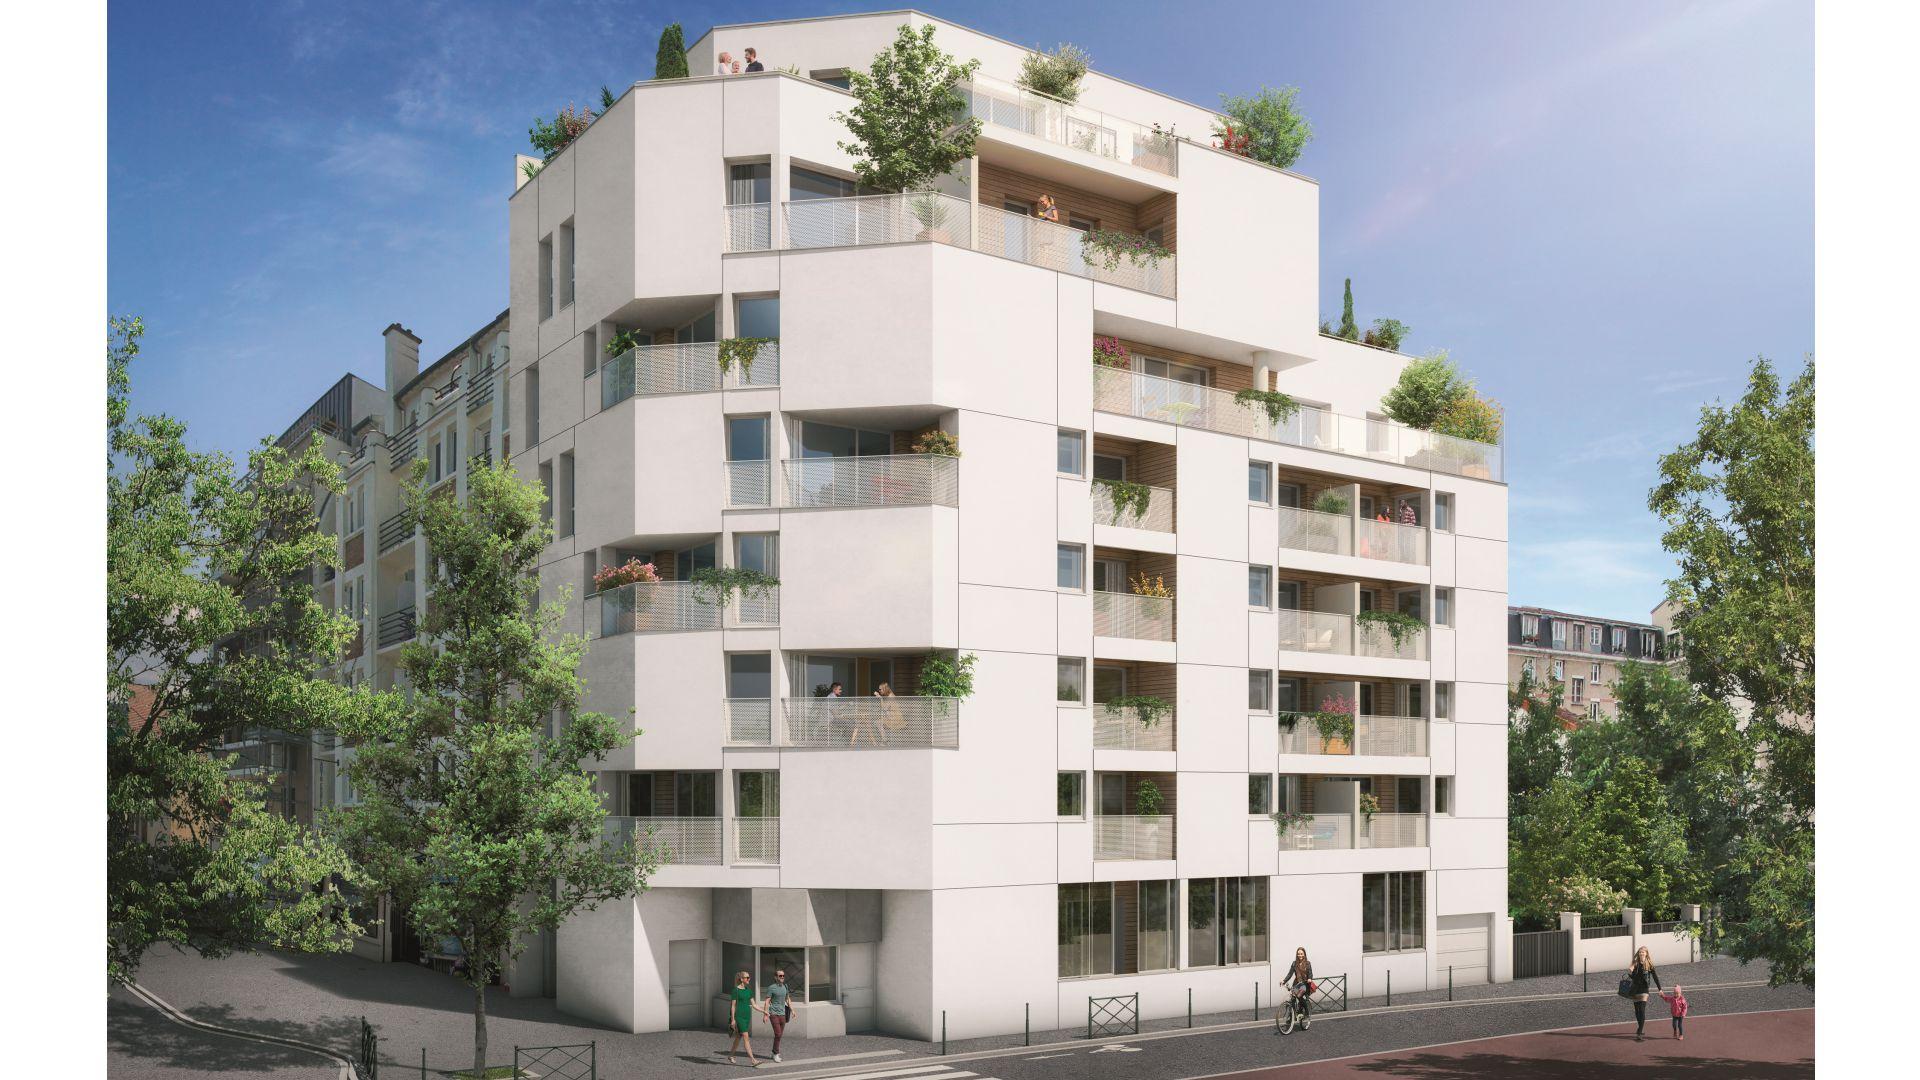 GreenCity Immobilier - Asnières sur seine - 92600 - Résidence Le Renan - appartements neufs du T2 au T5 Duplex